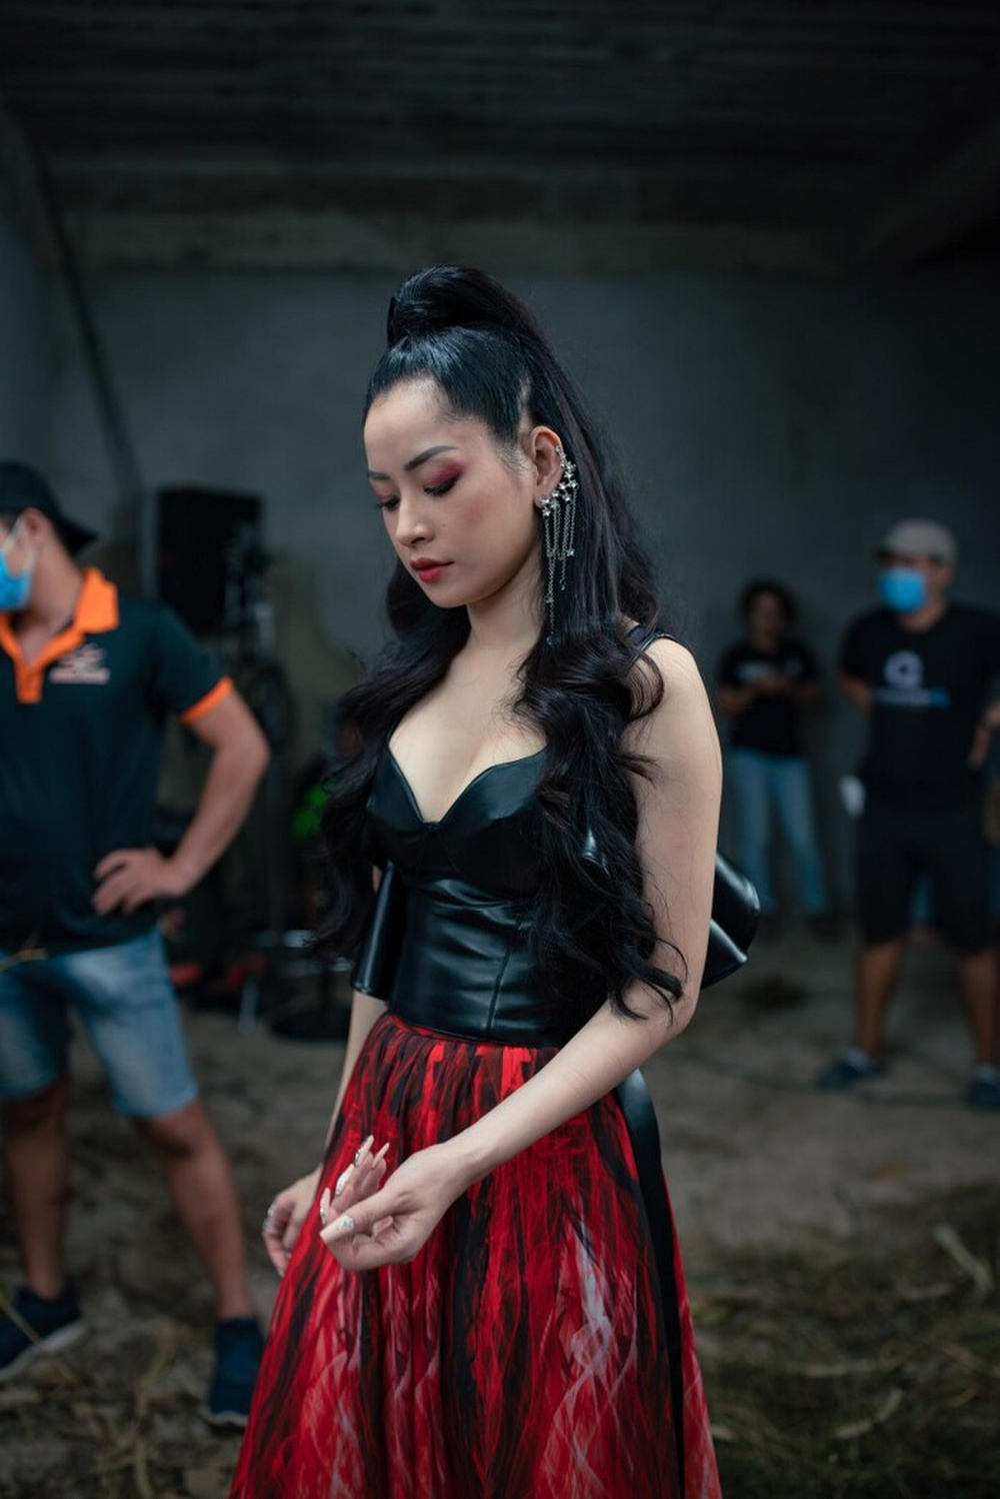 Chi Pu và 'liên hoàn phốt' đạo nhái: Hết mẫu nail giờ đến concept chụp ảnh của CL, Jennie? Ảnh 2